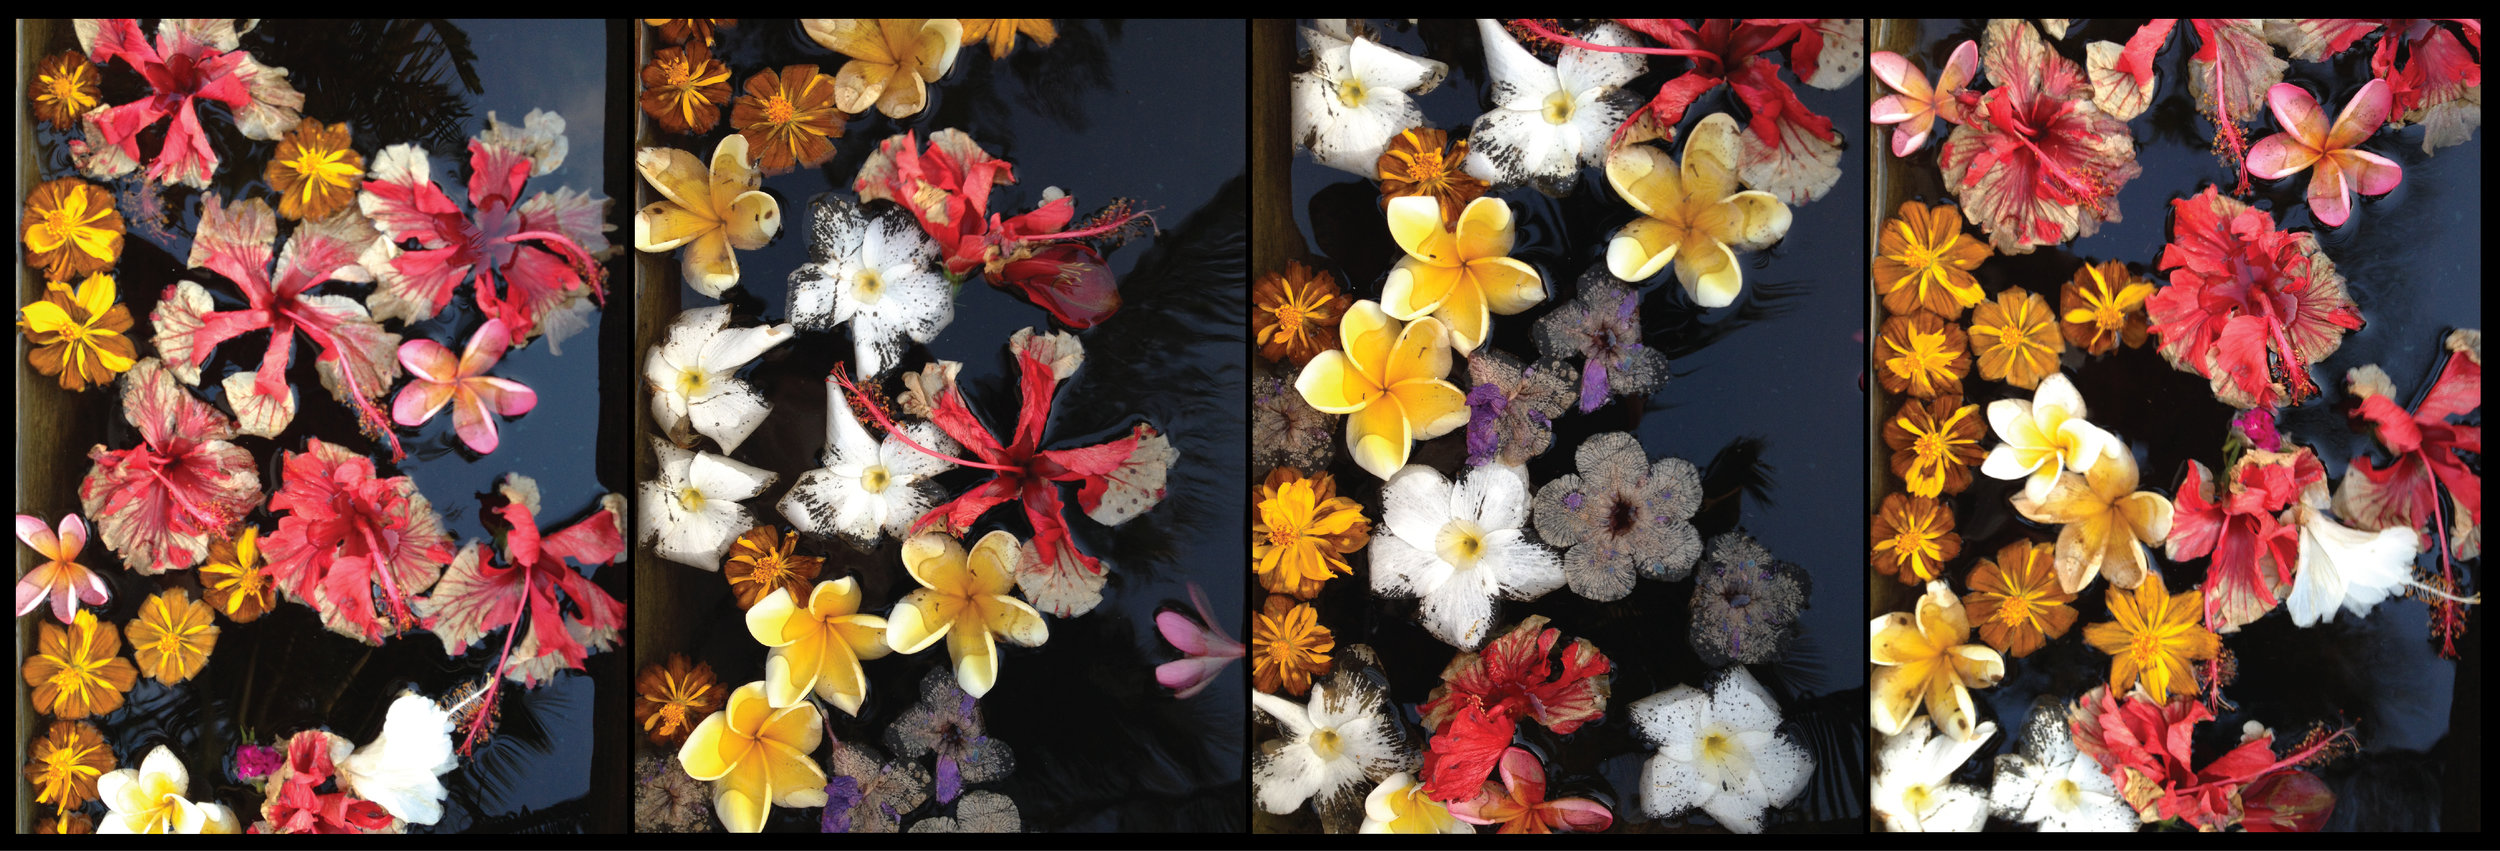 Bali Petals 2 copy 2.jpg